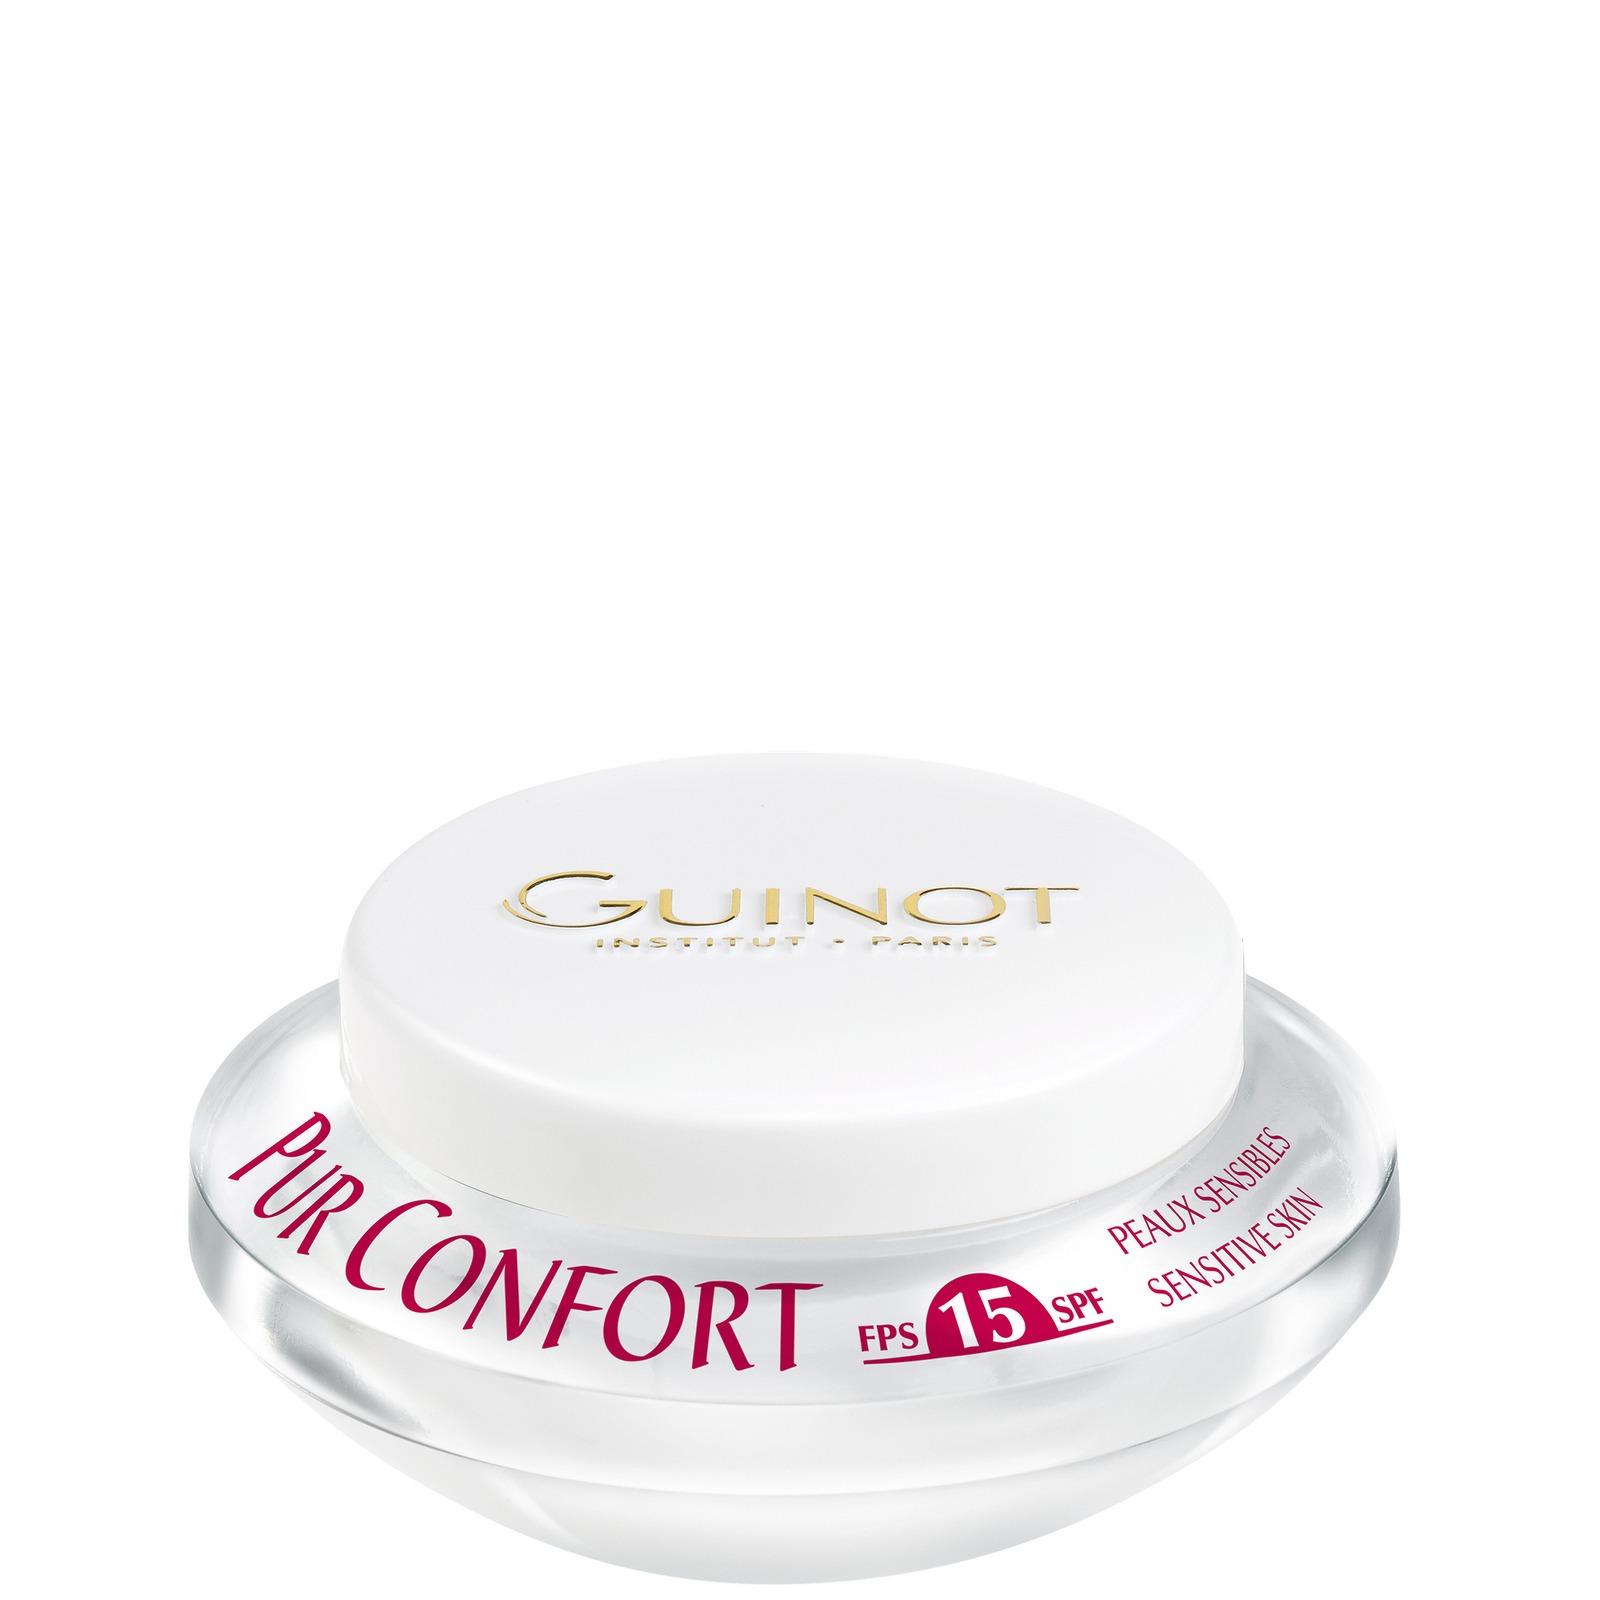 Pur Confort Face Cream